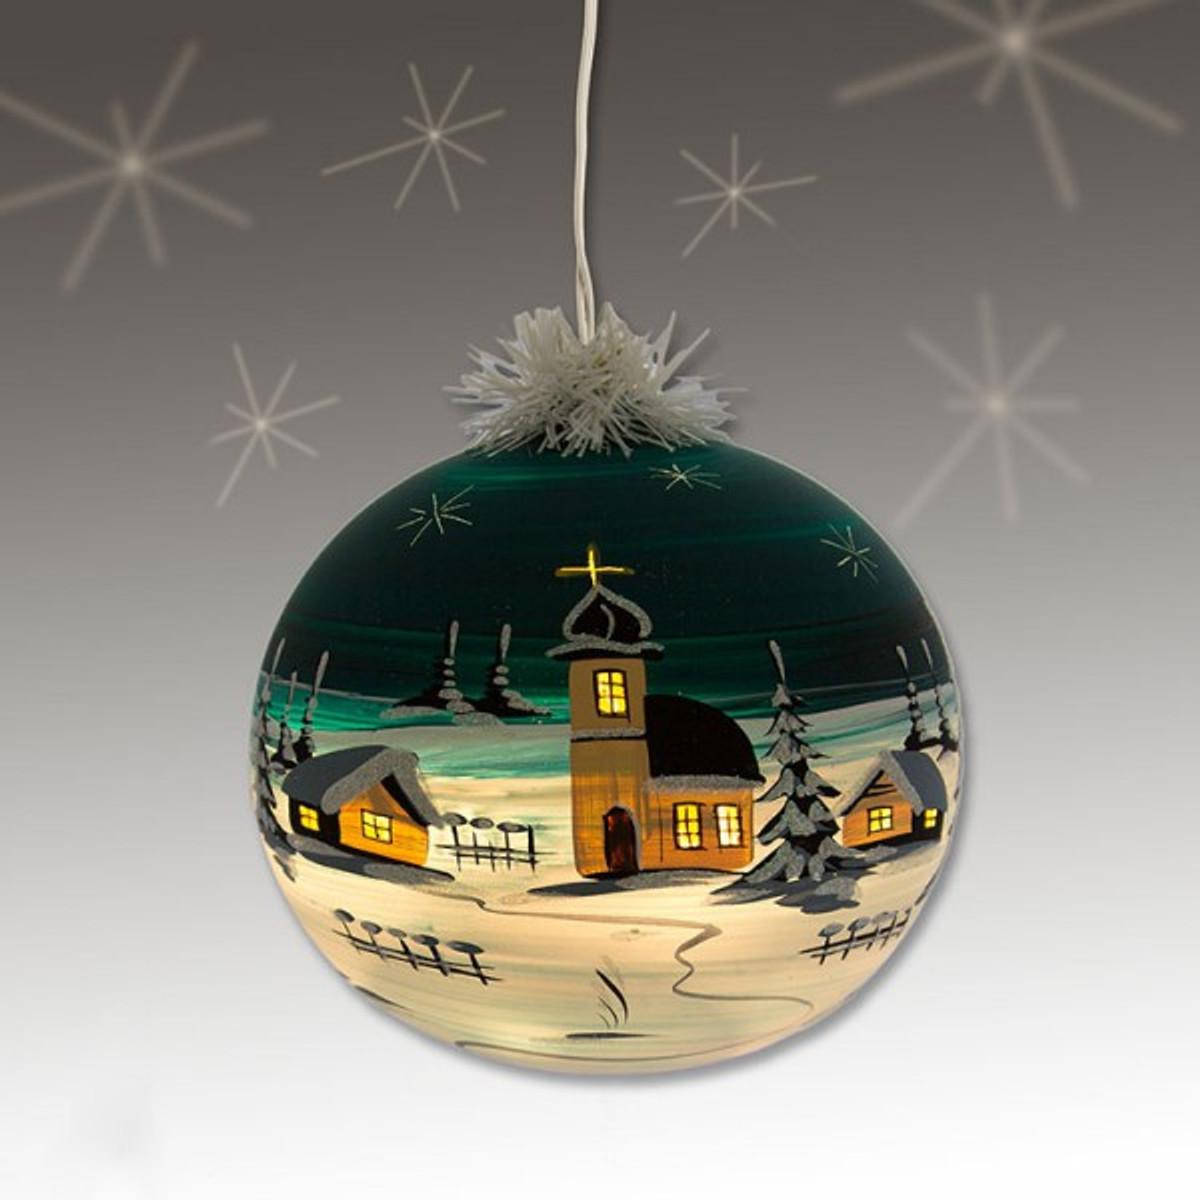 elektrisch beleuchtete christbaumkugel weihnachtskugeln 15 cm von hand bemalt gr n weihnachtsschmuck. Black Bedroom Furniture Sets. Home Design Ideas